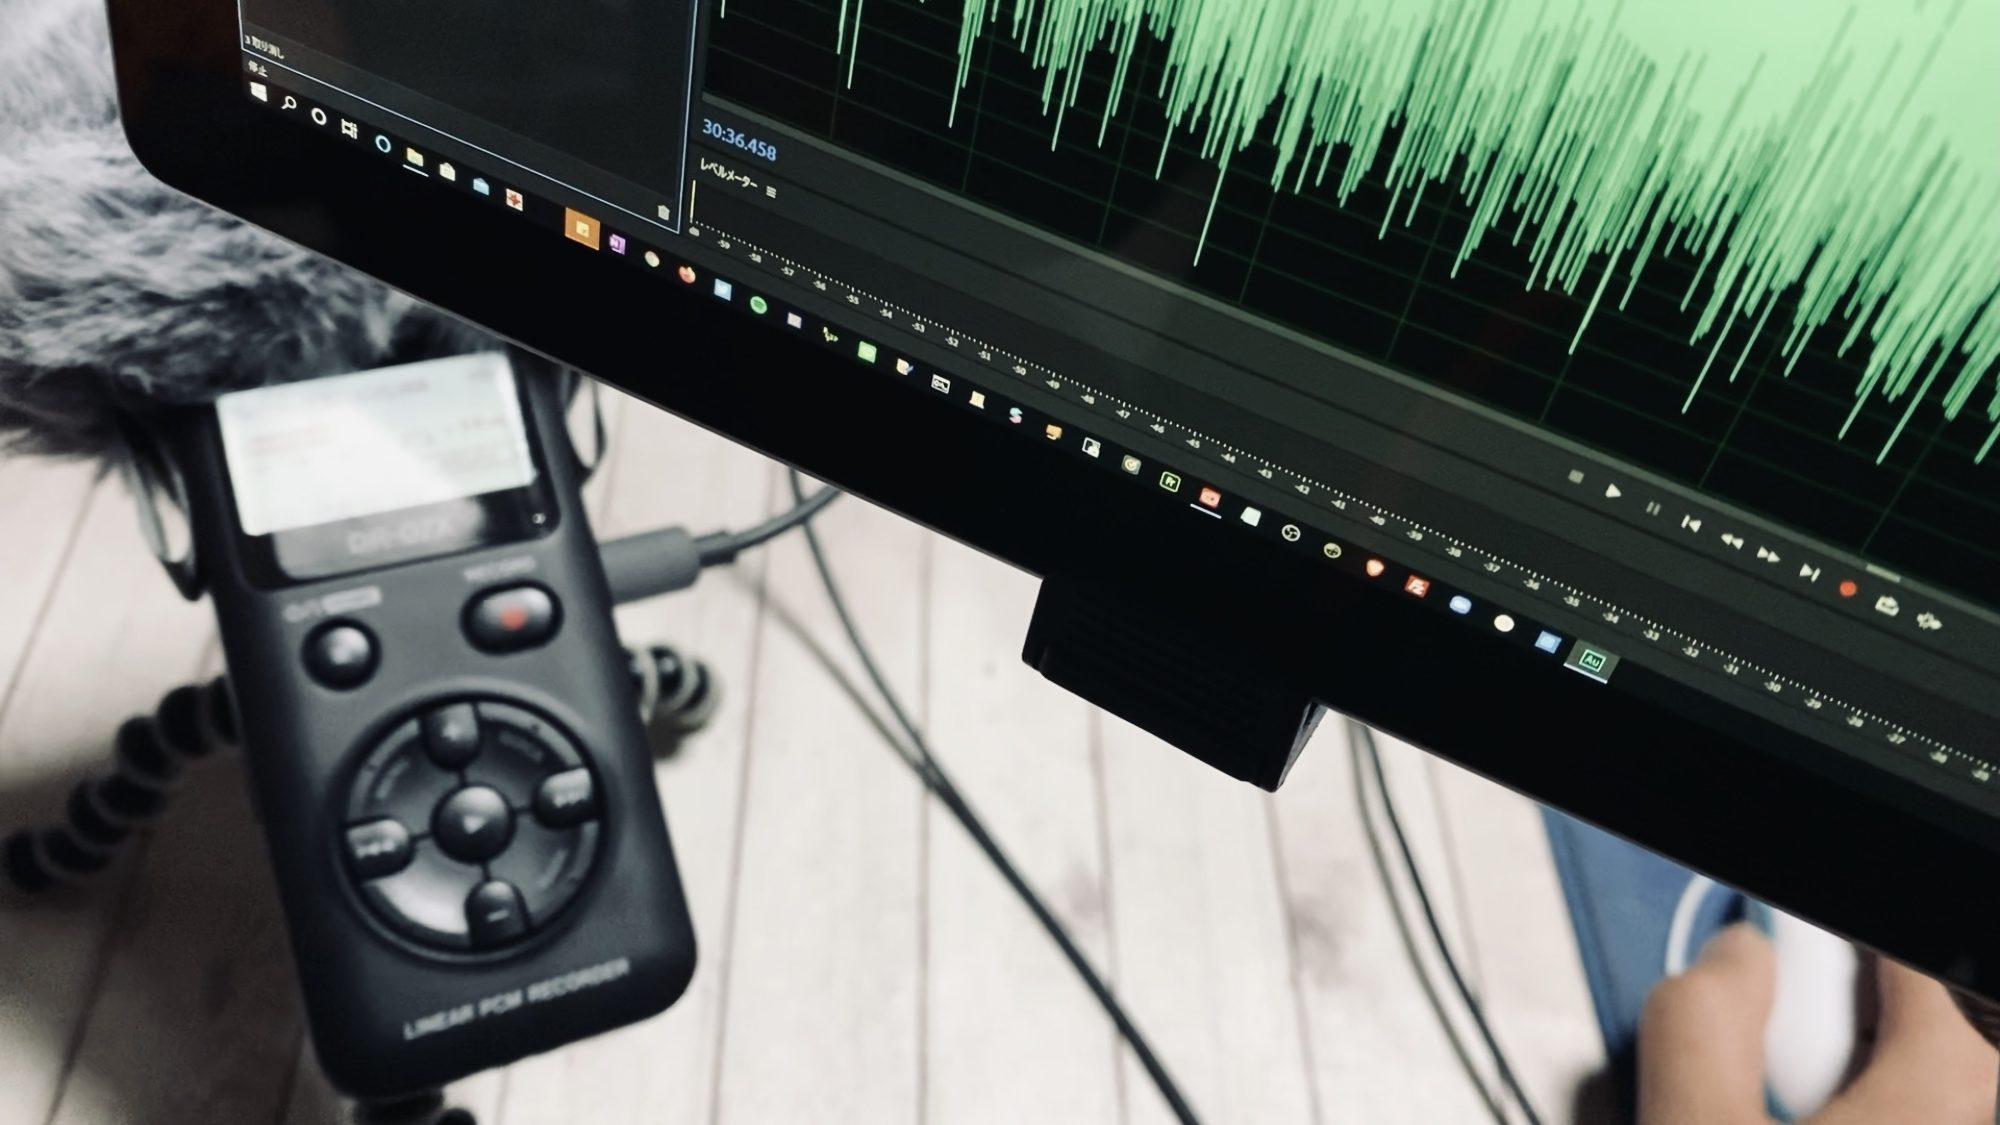 声に偏る世界線 ポッドキャスト/ラジオ配信アプリ/音声配信コンテンツ・メディアに関する最新ニュースをお届け。新機能やアップデート速報配信